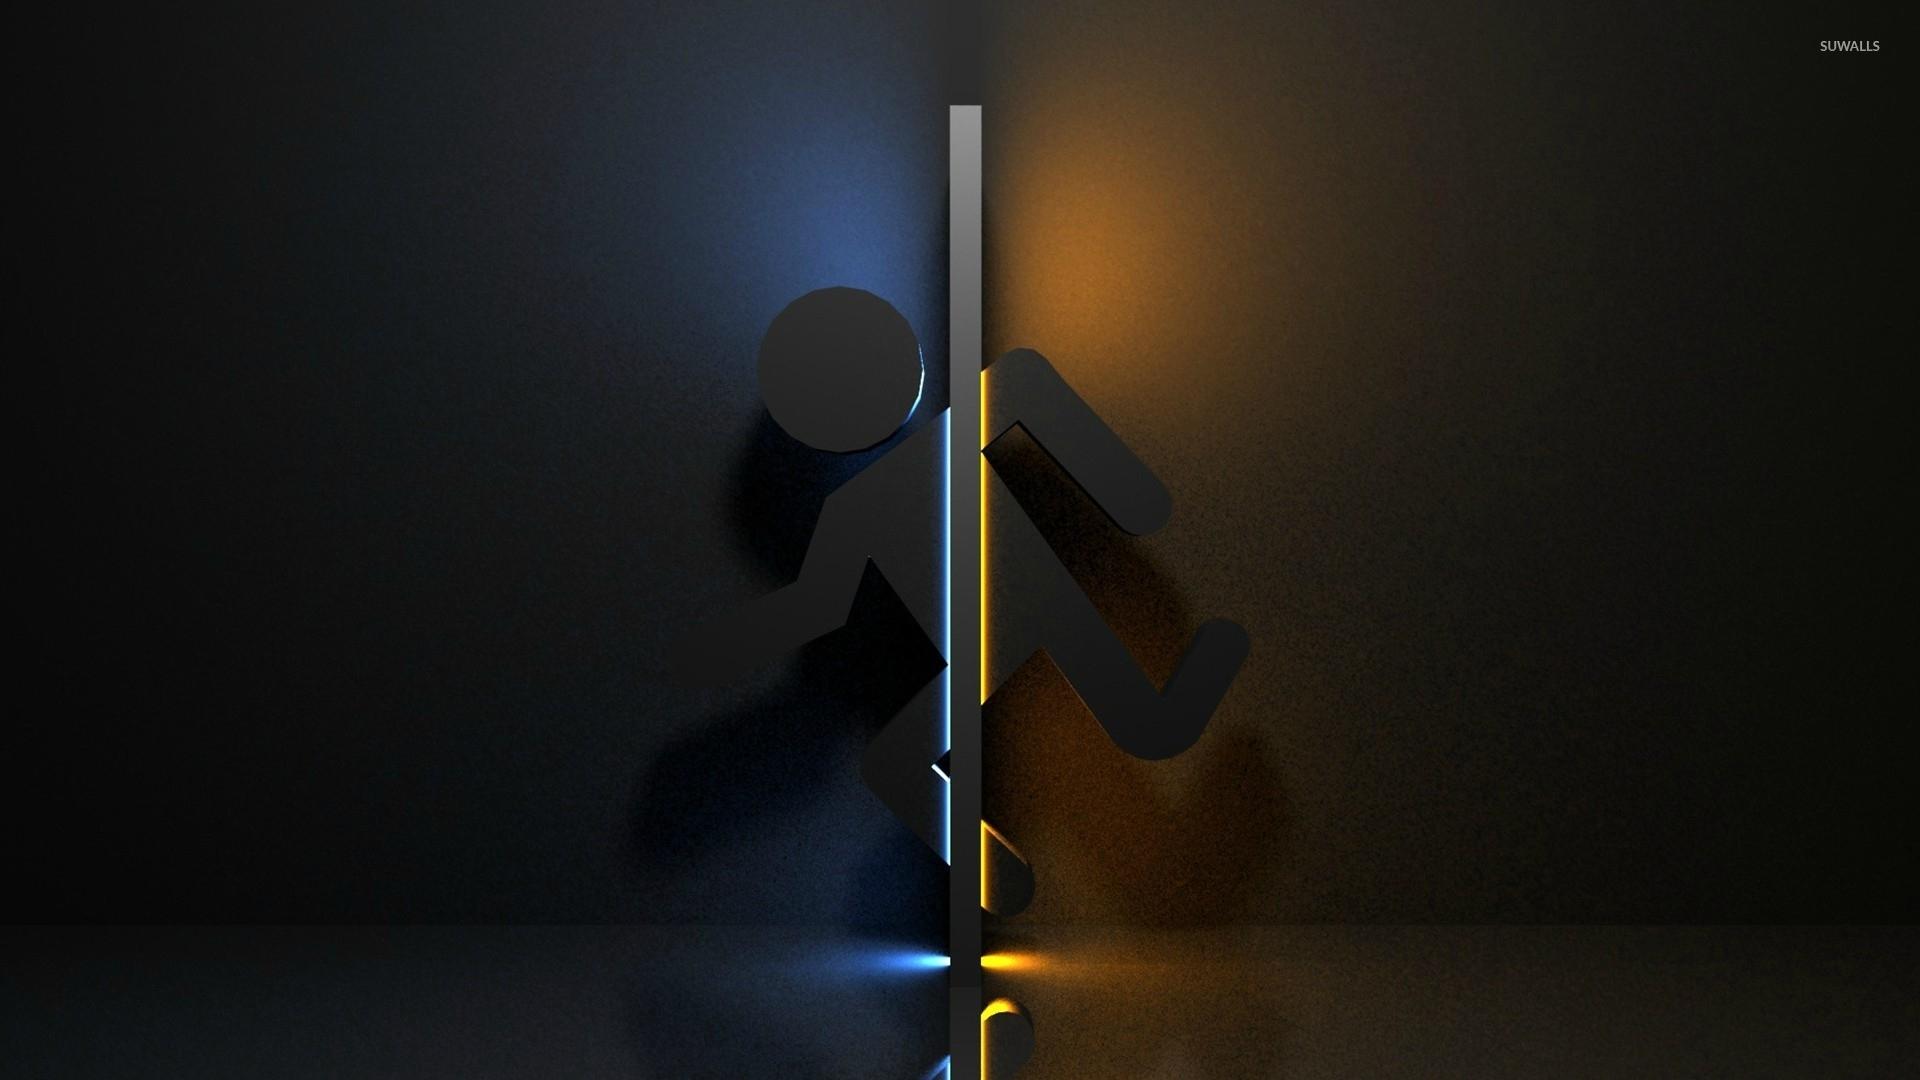 Portal 2 11 Wallpaper